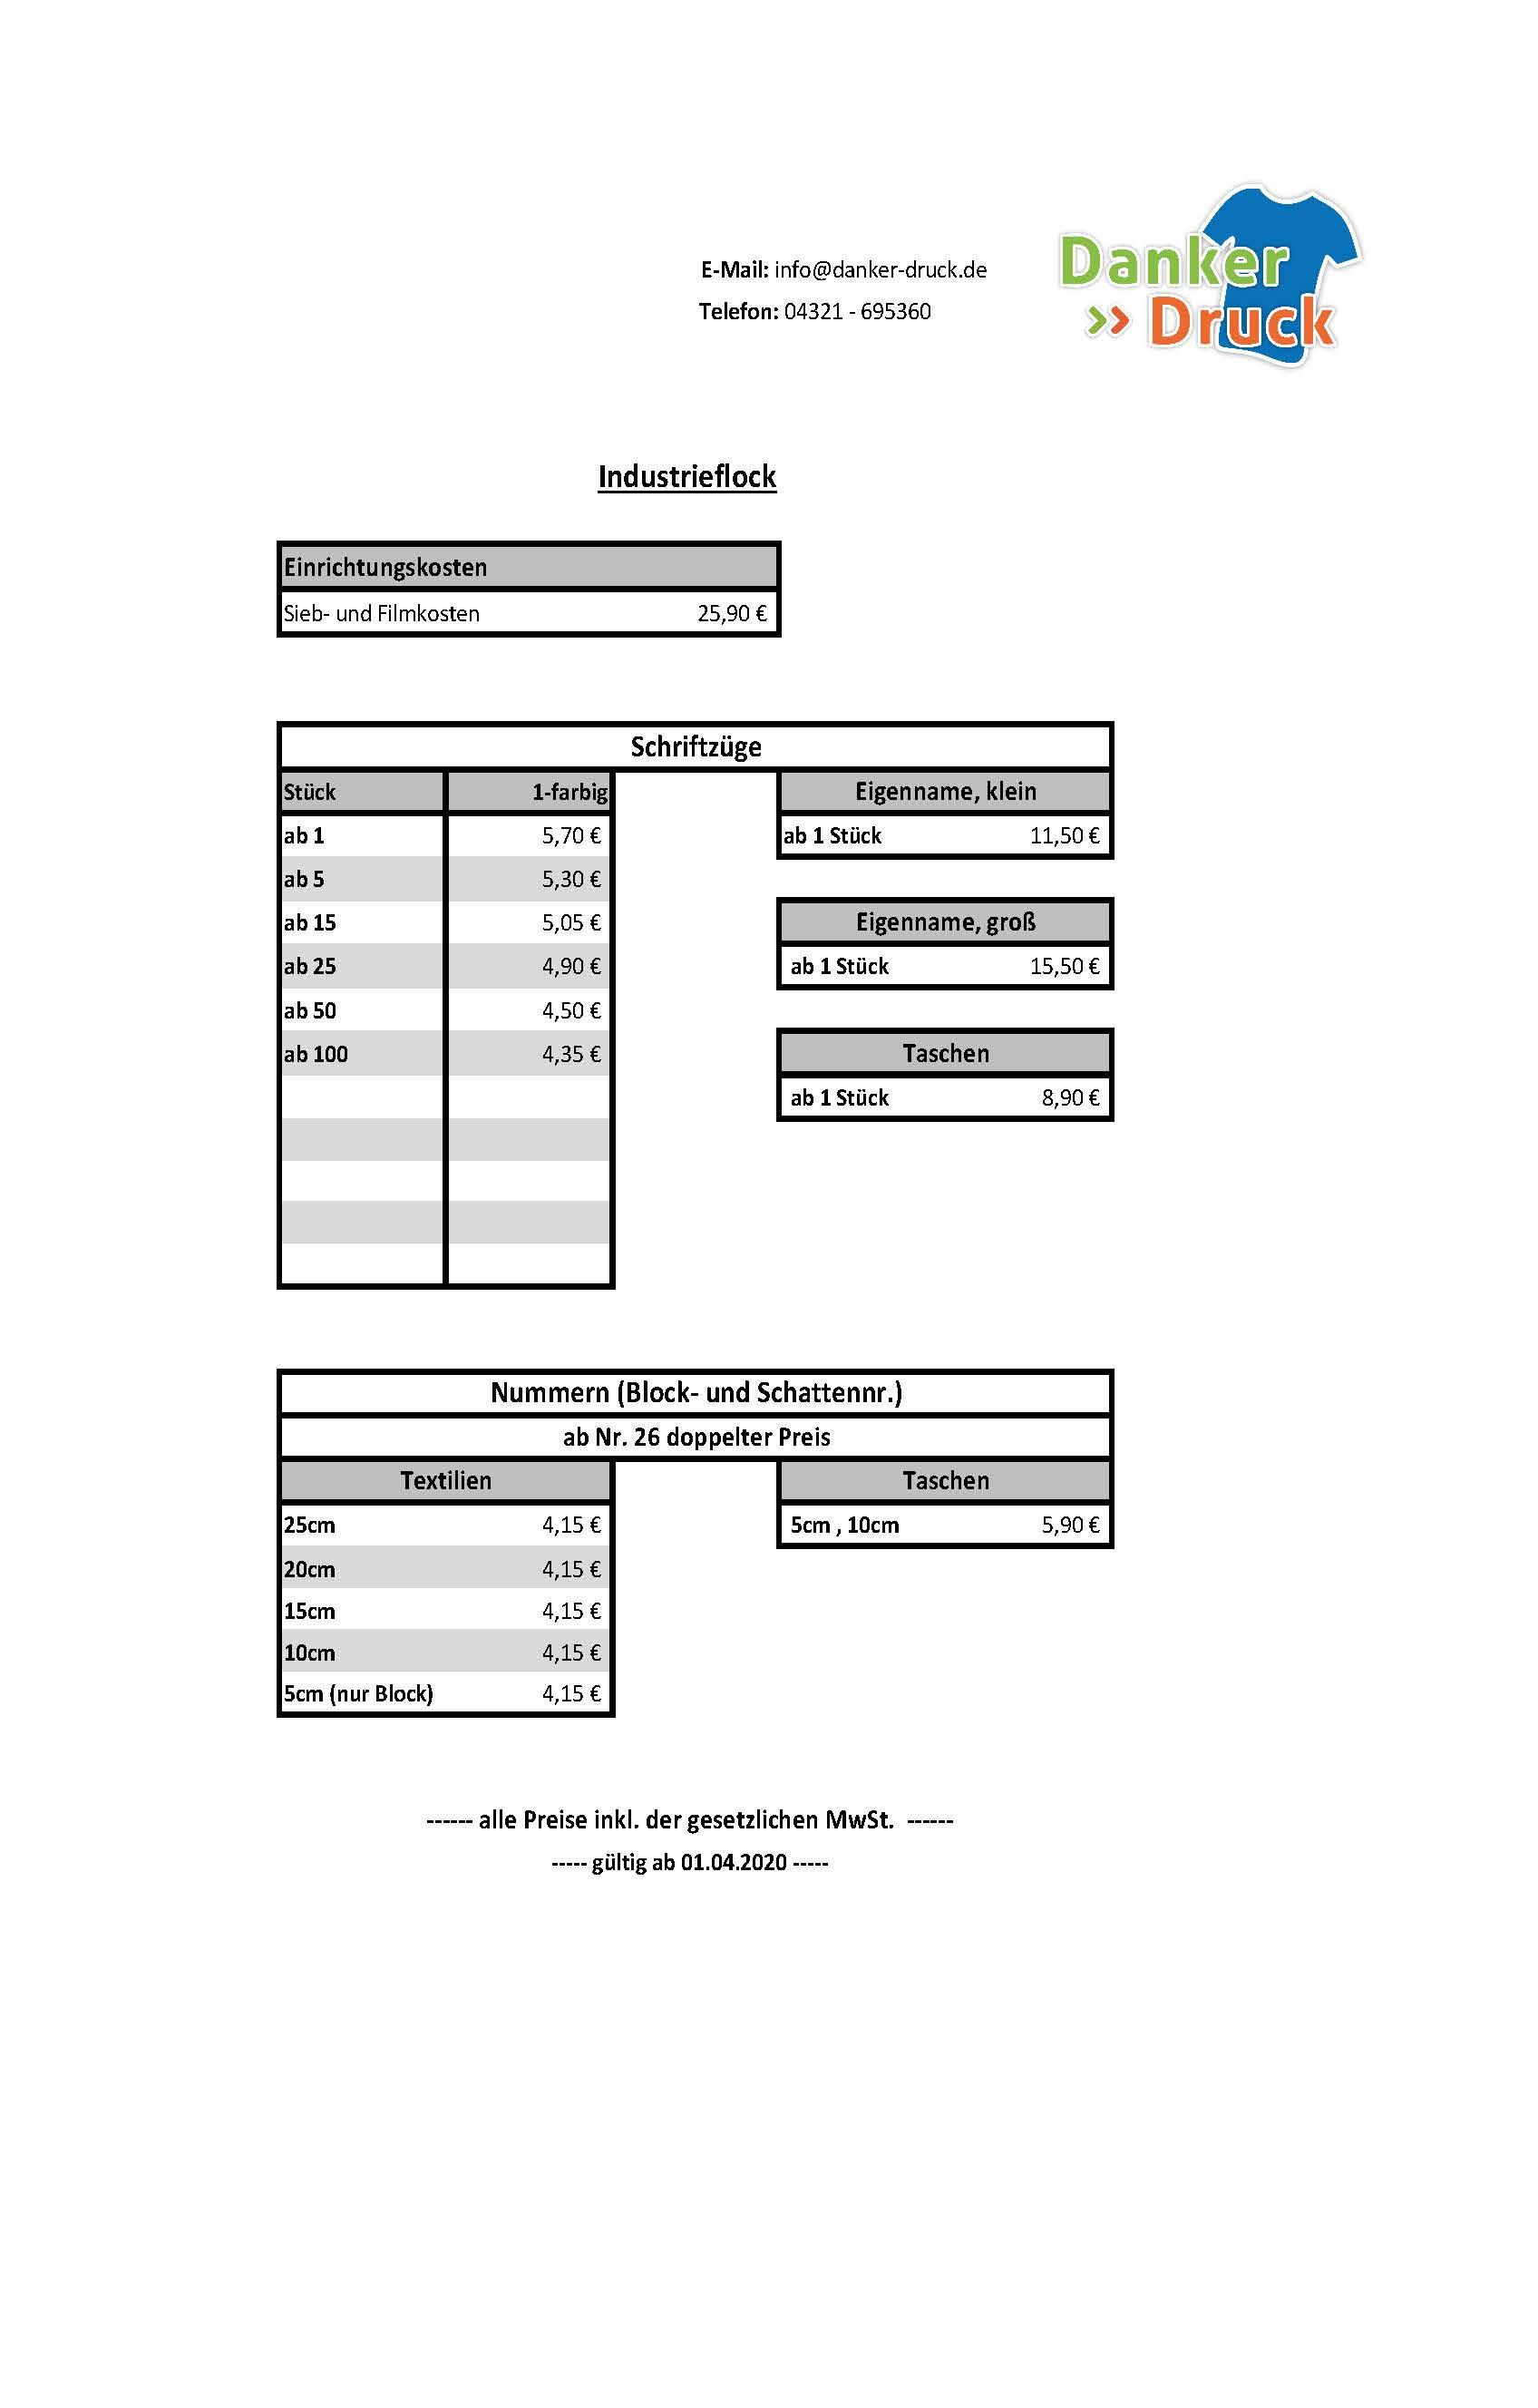 Industrieflock_B2C_01-04-2020